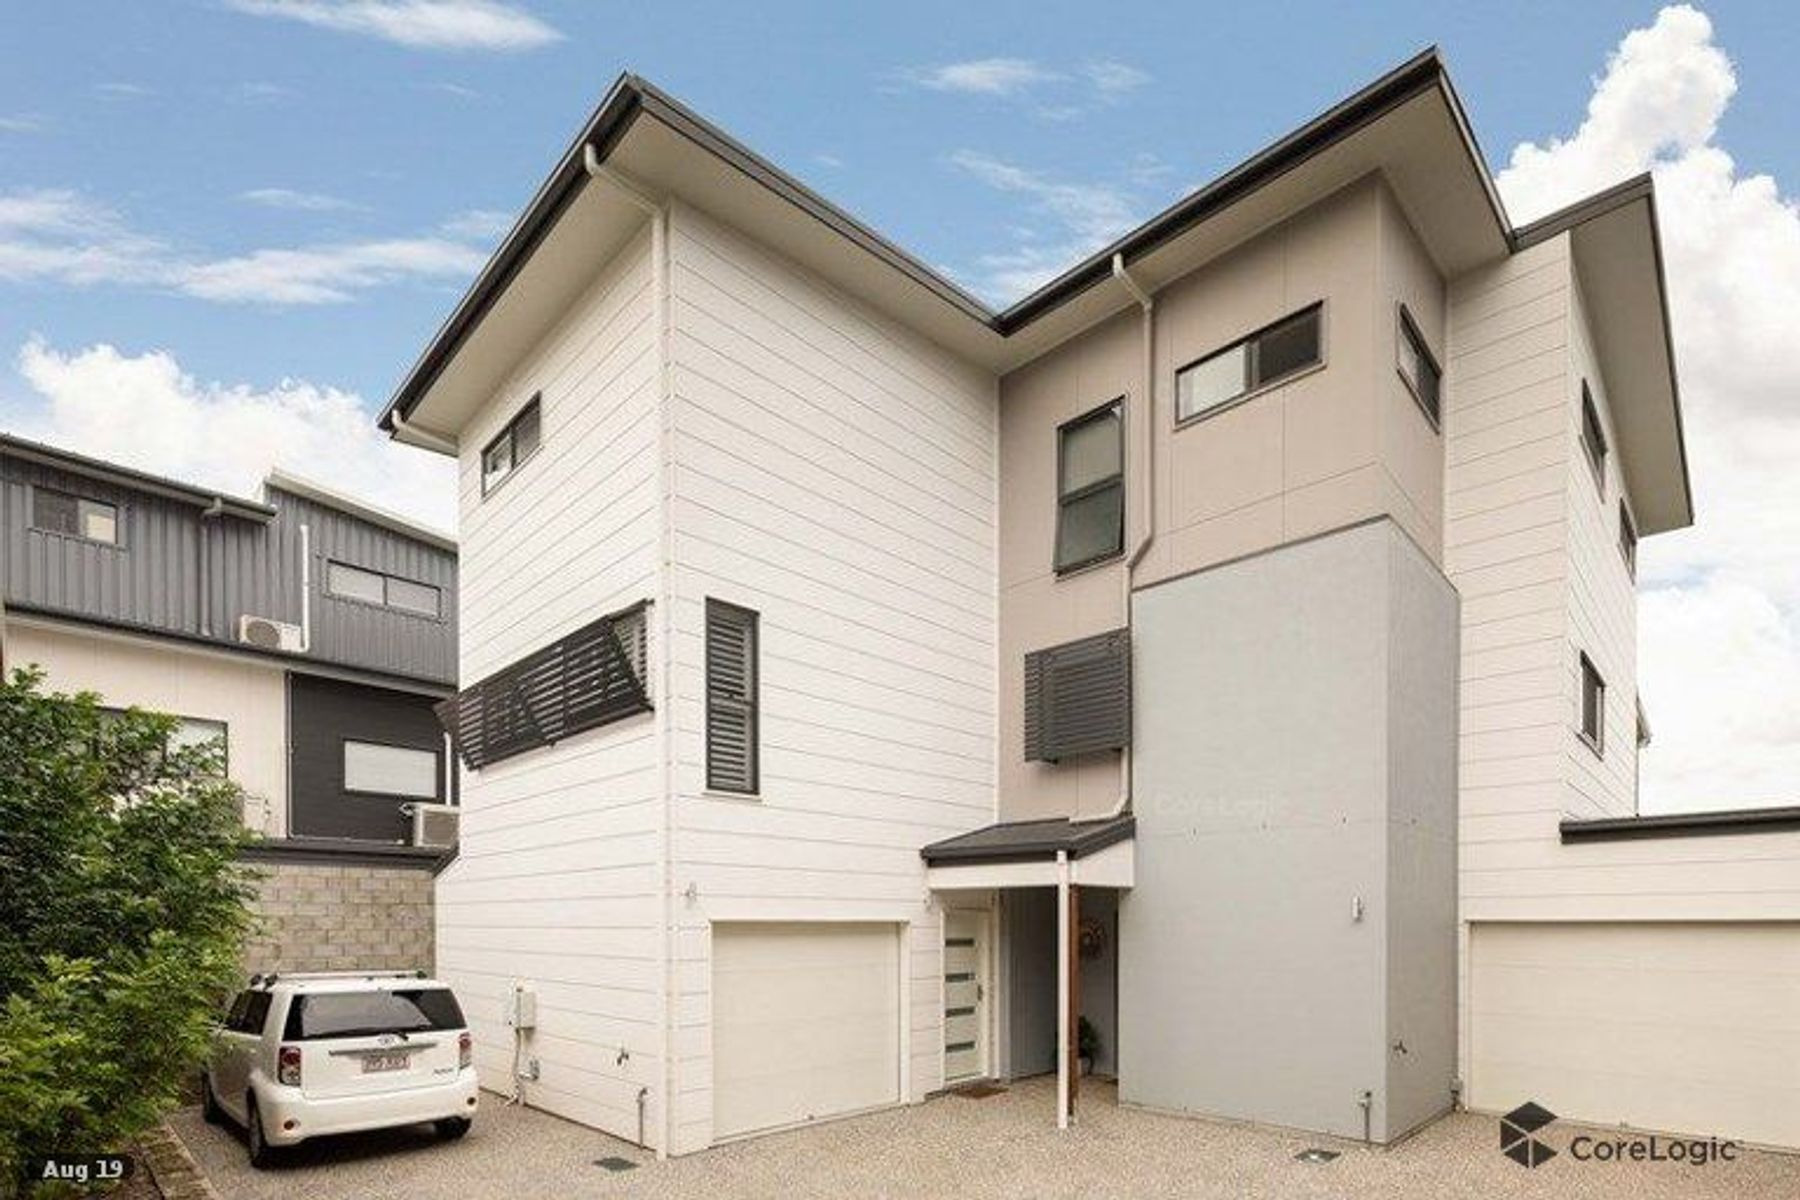 2/33 Rawlinson Street, Murarrie, QLD 4172